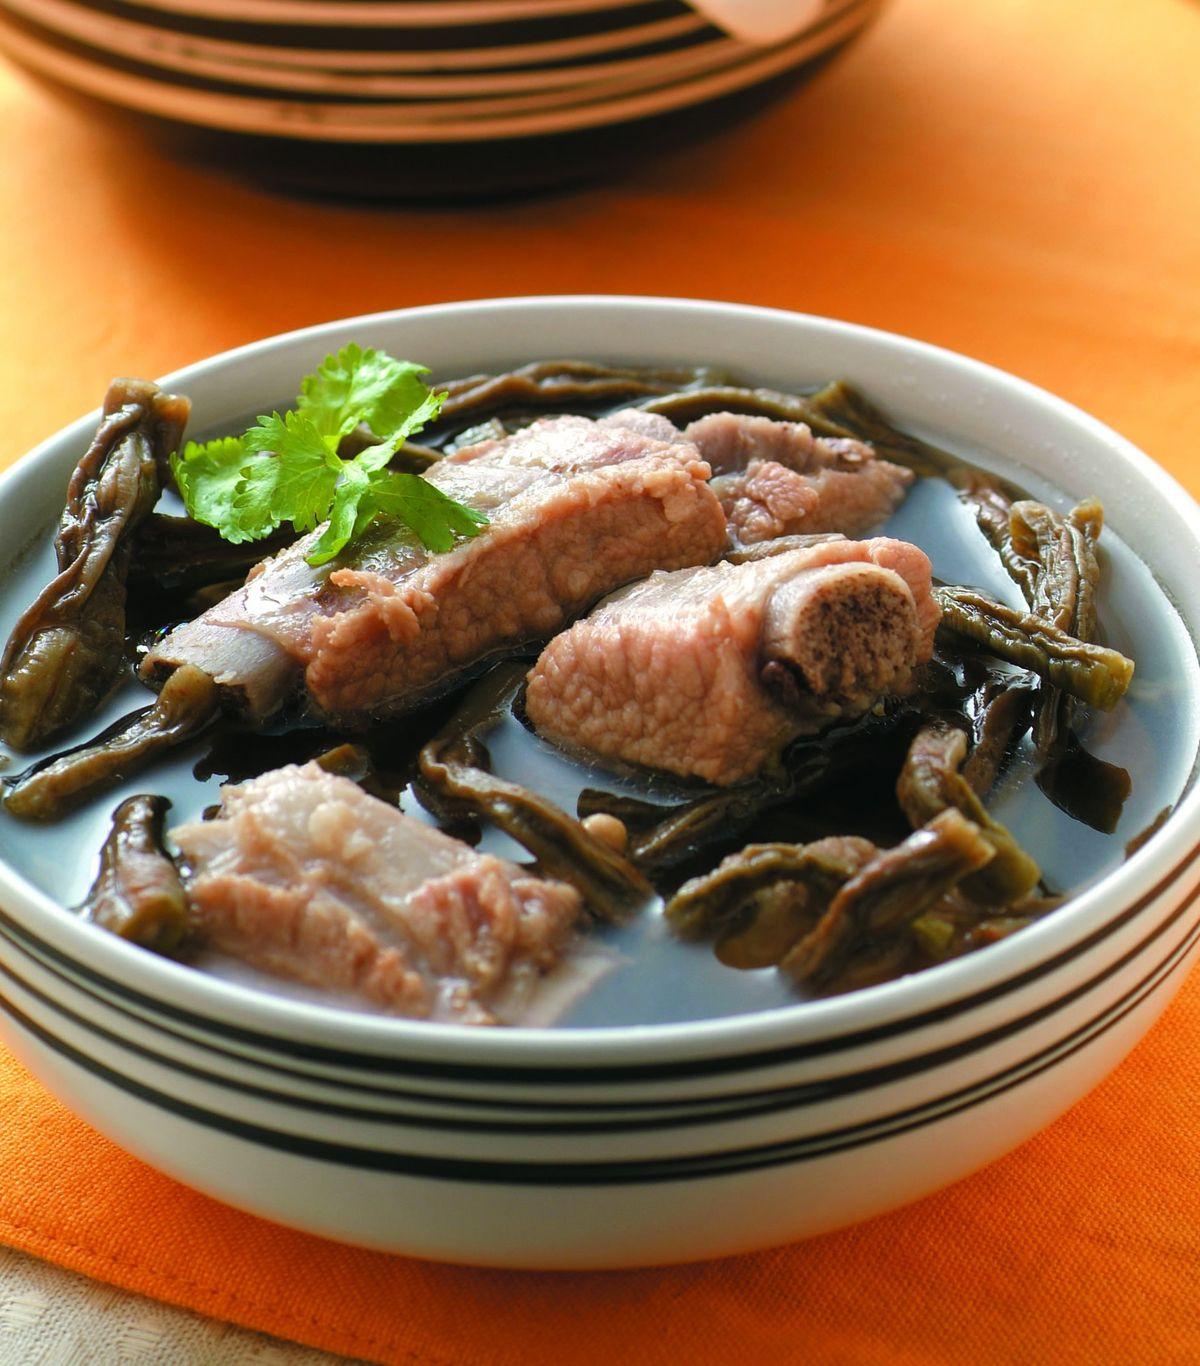 食譜:長豆乾排骨湯